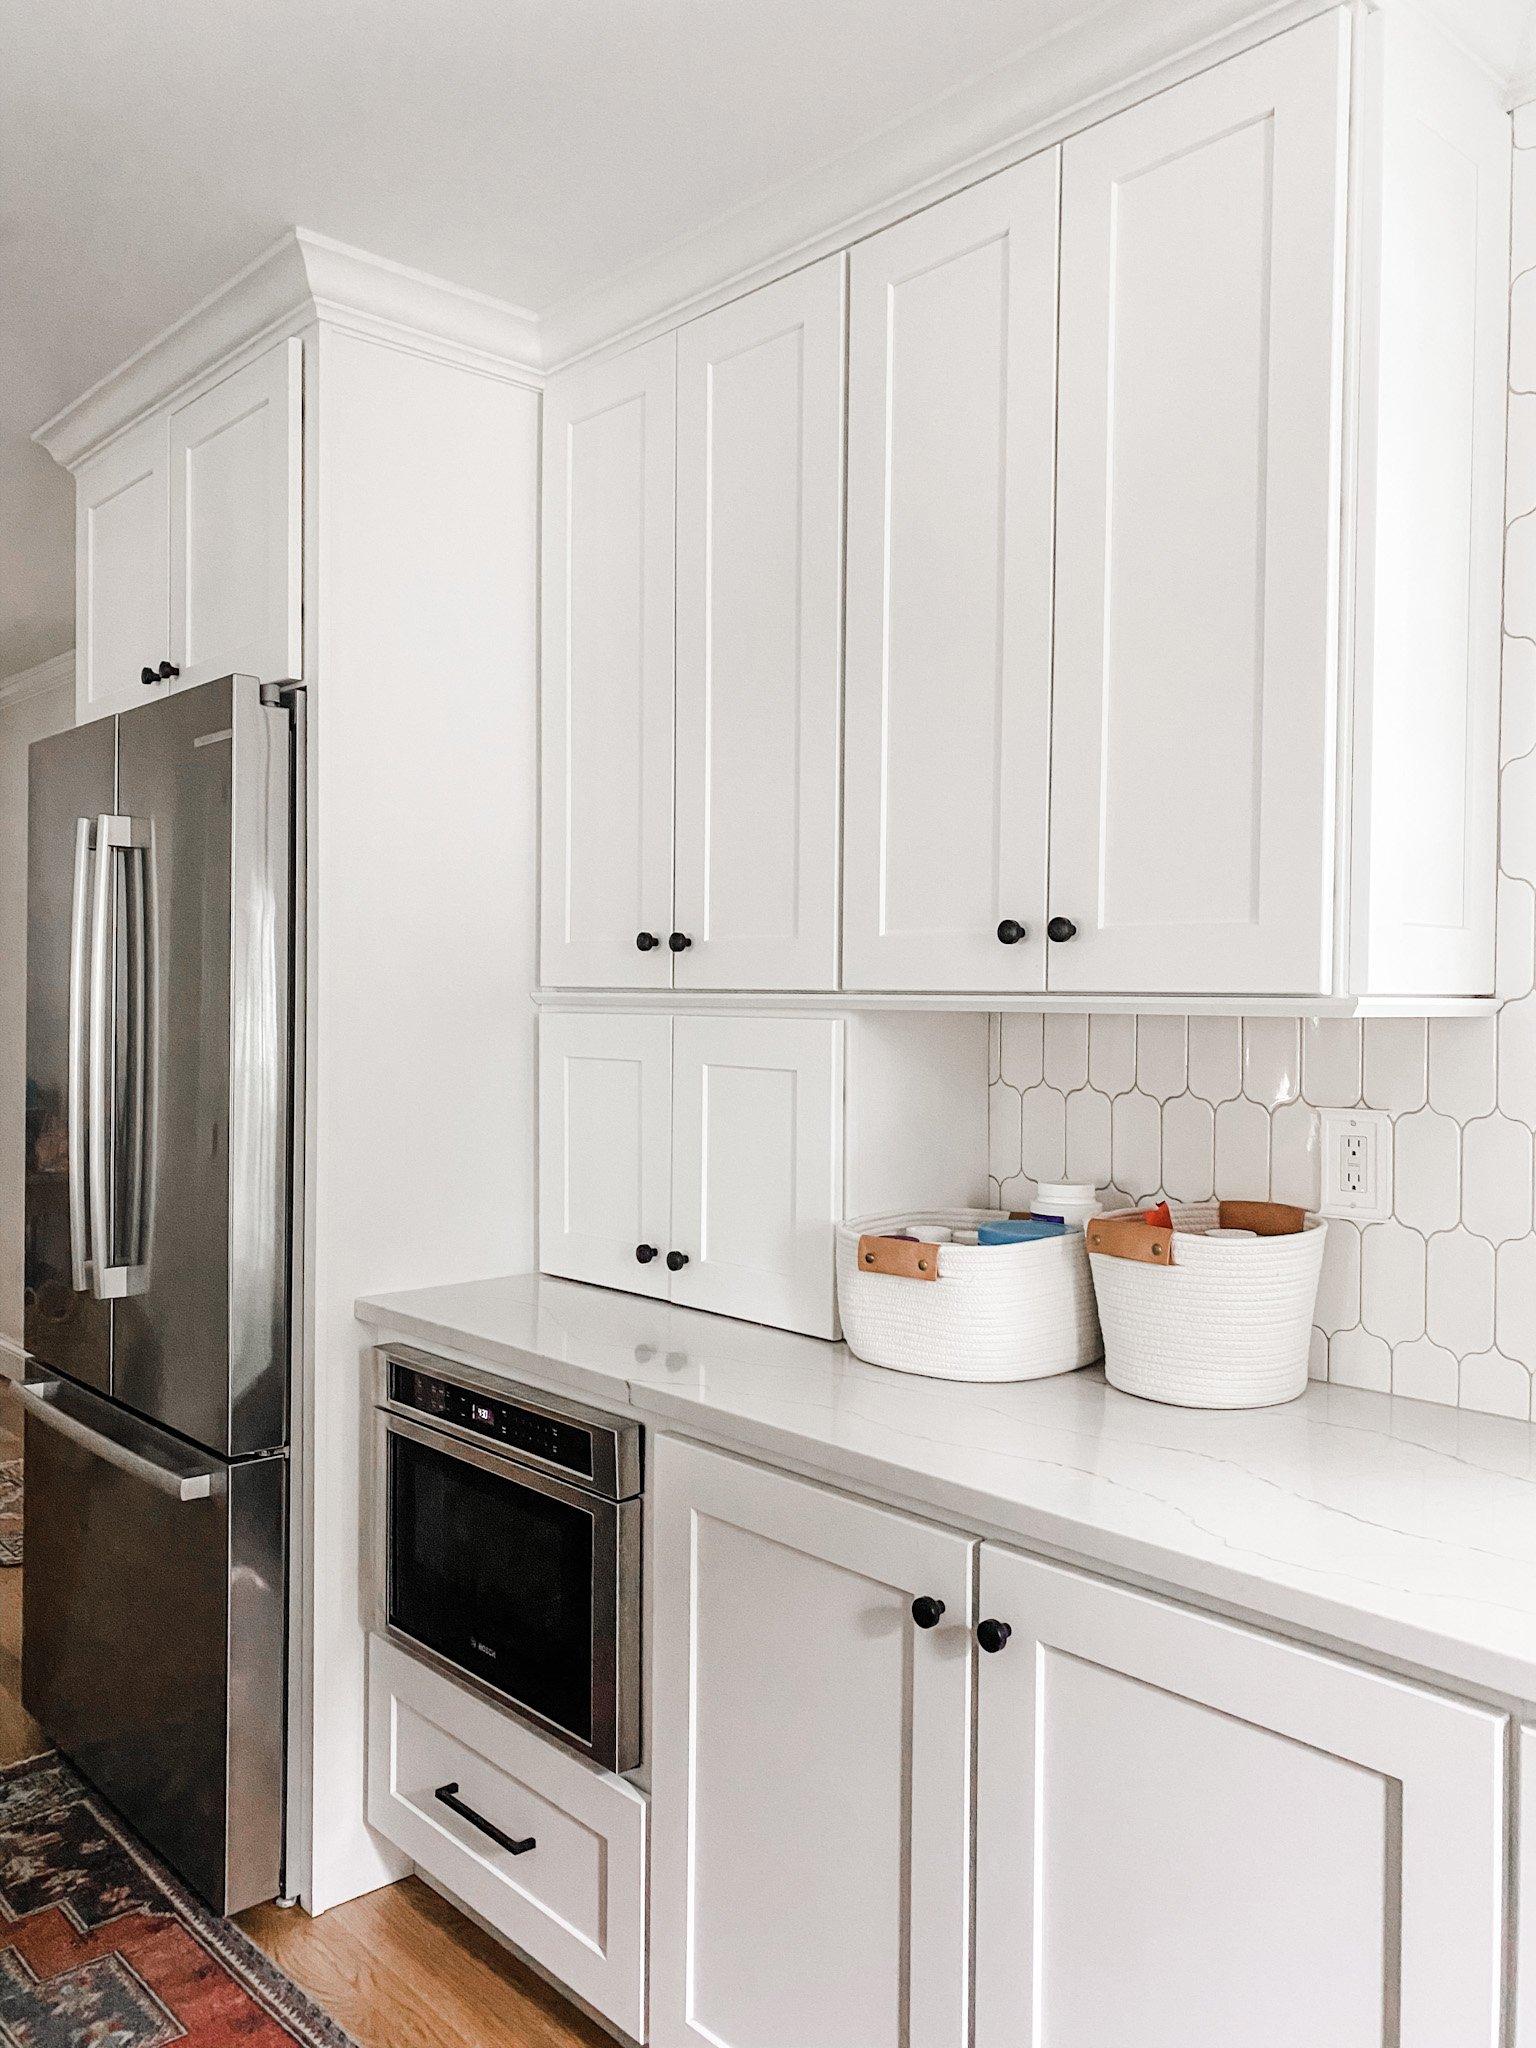 appliance garage in white kitchen